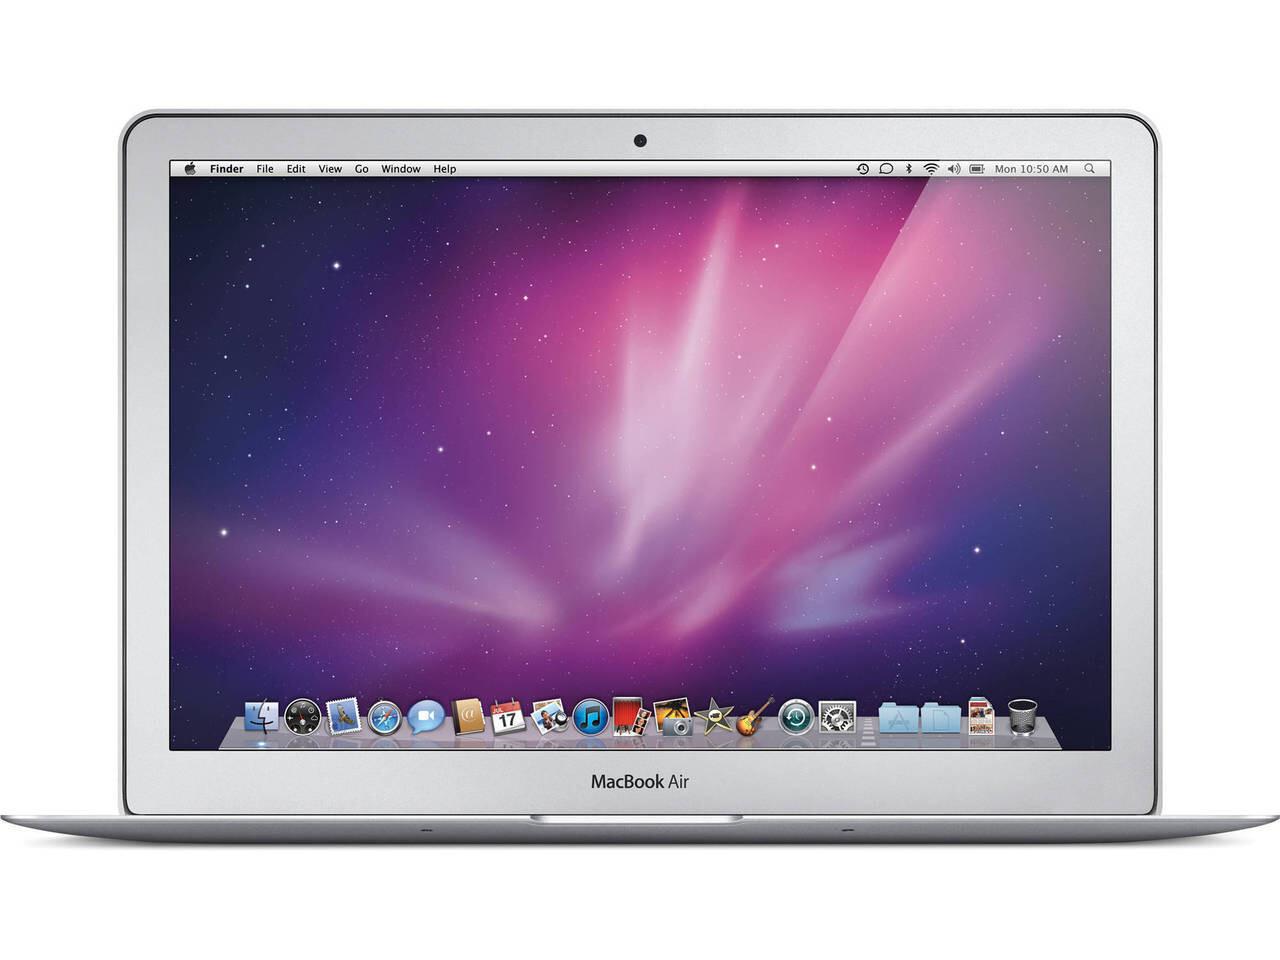 macbook air 11 inch 2011 silver